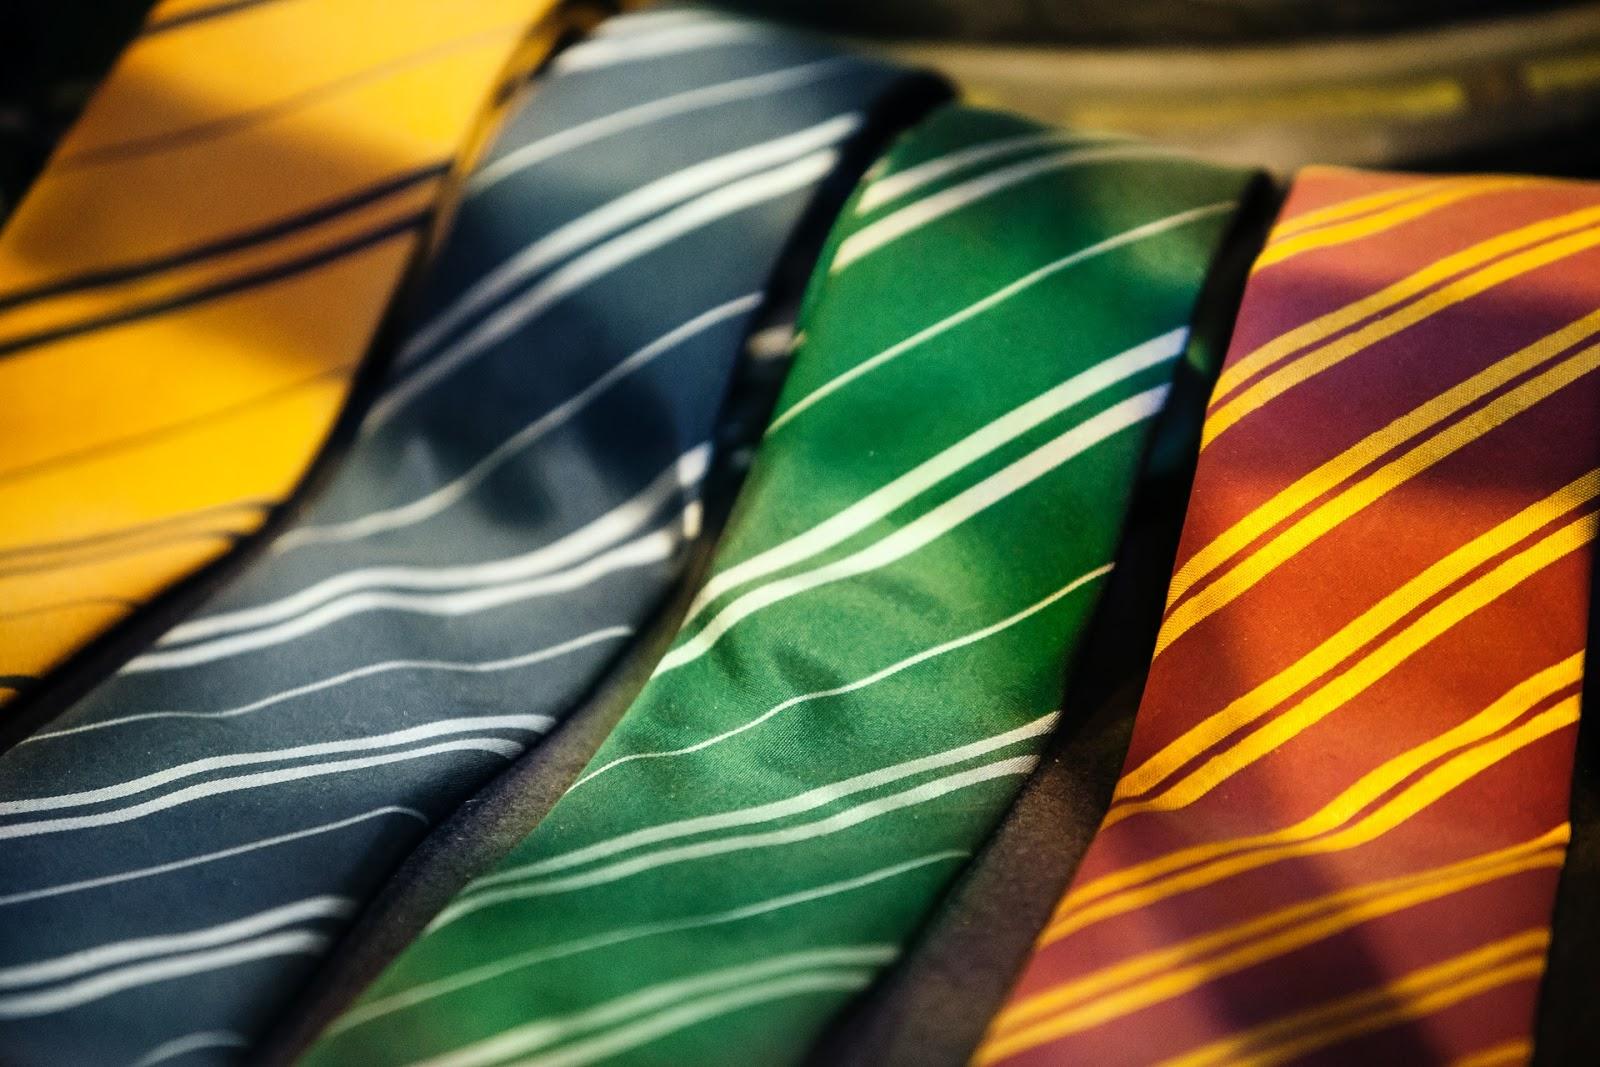 絶対に困らない!プレゼント用ネクタイの選び方